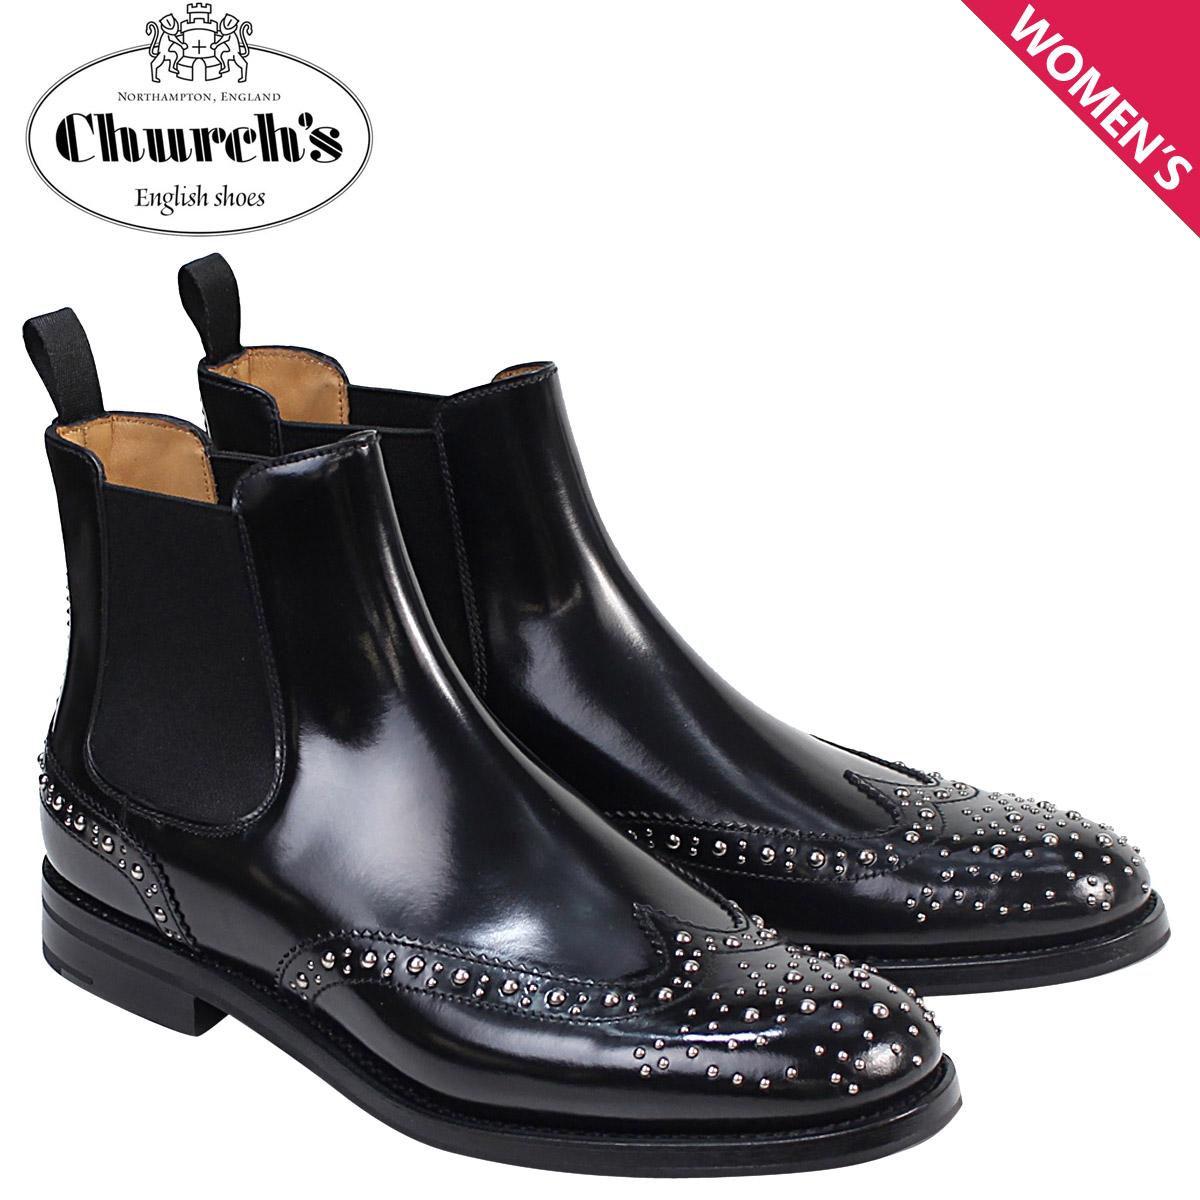 Churchs 靴 レディース チャーチ ブーツ サイドゴア ショートブーツ ウイングチップ Ketsby Met Polish Binder Calf 8748 DT0004 スタッズ ブラック 黒